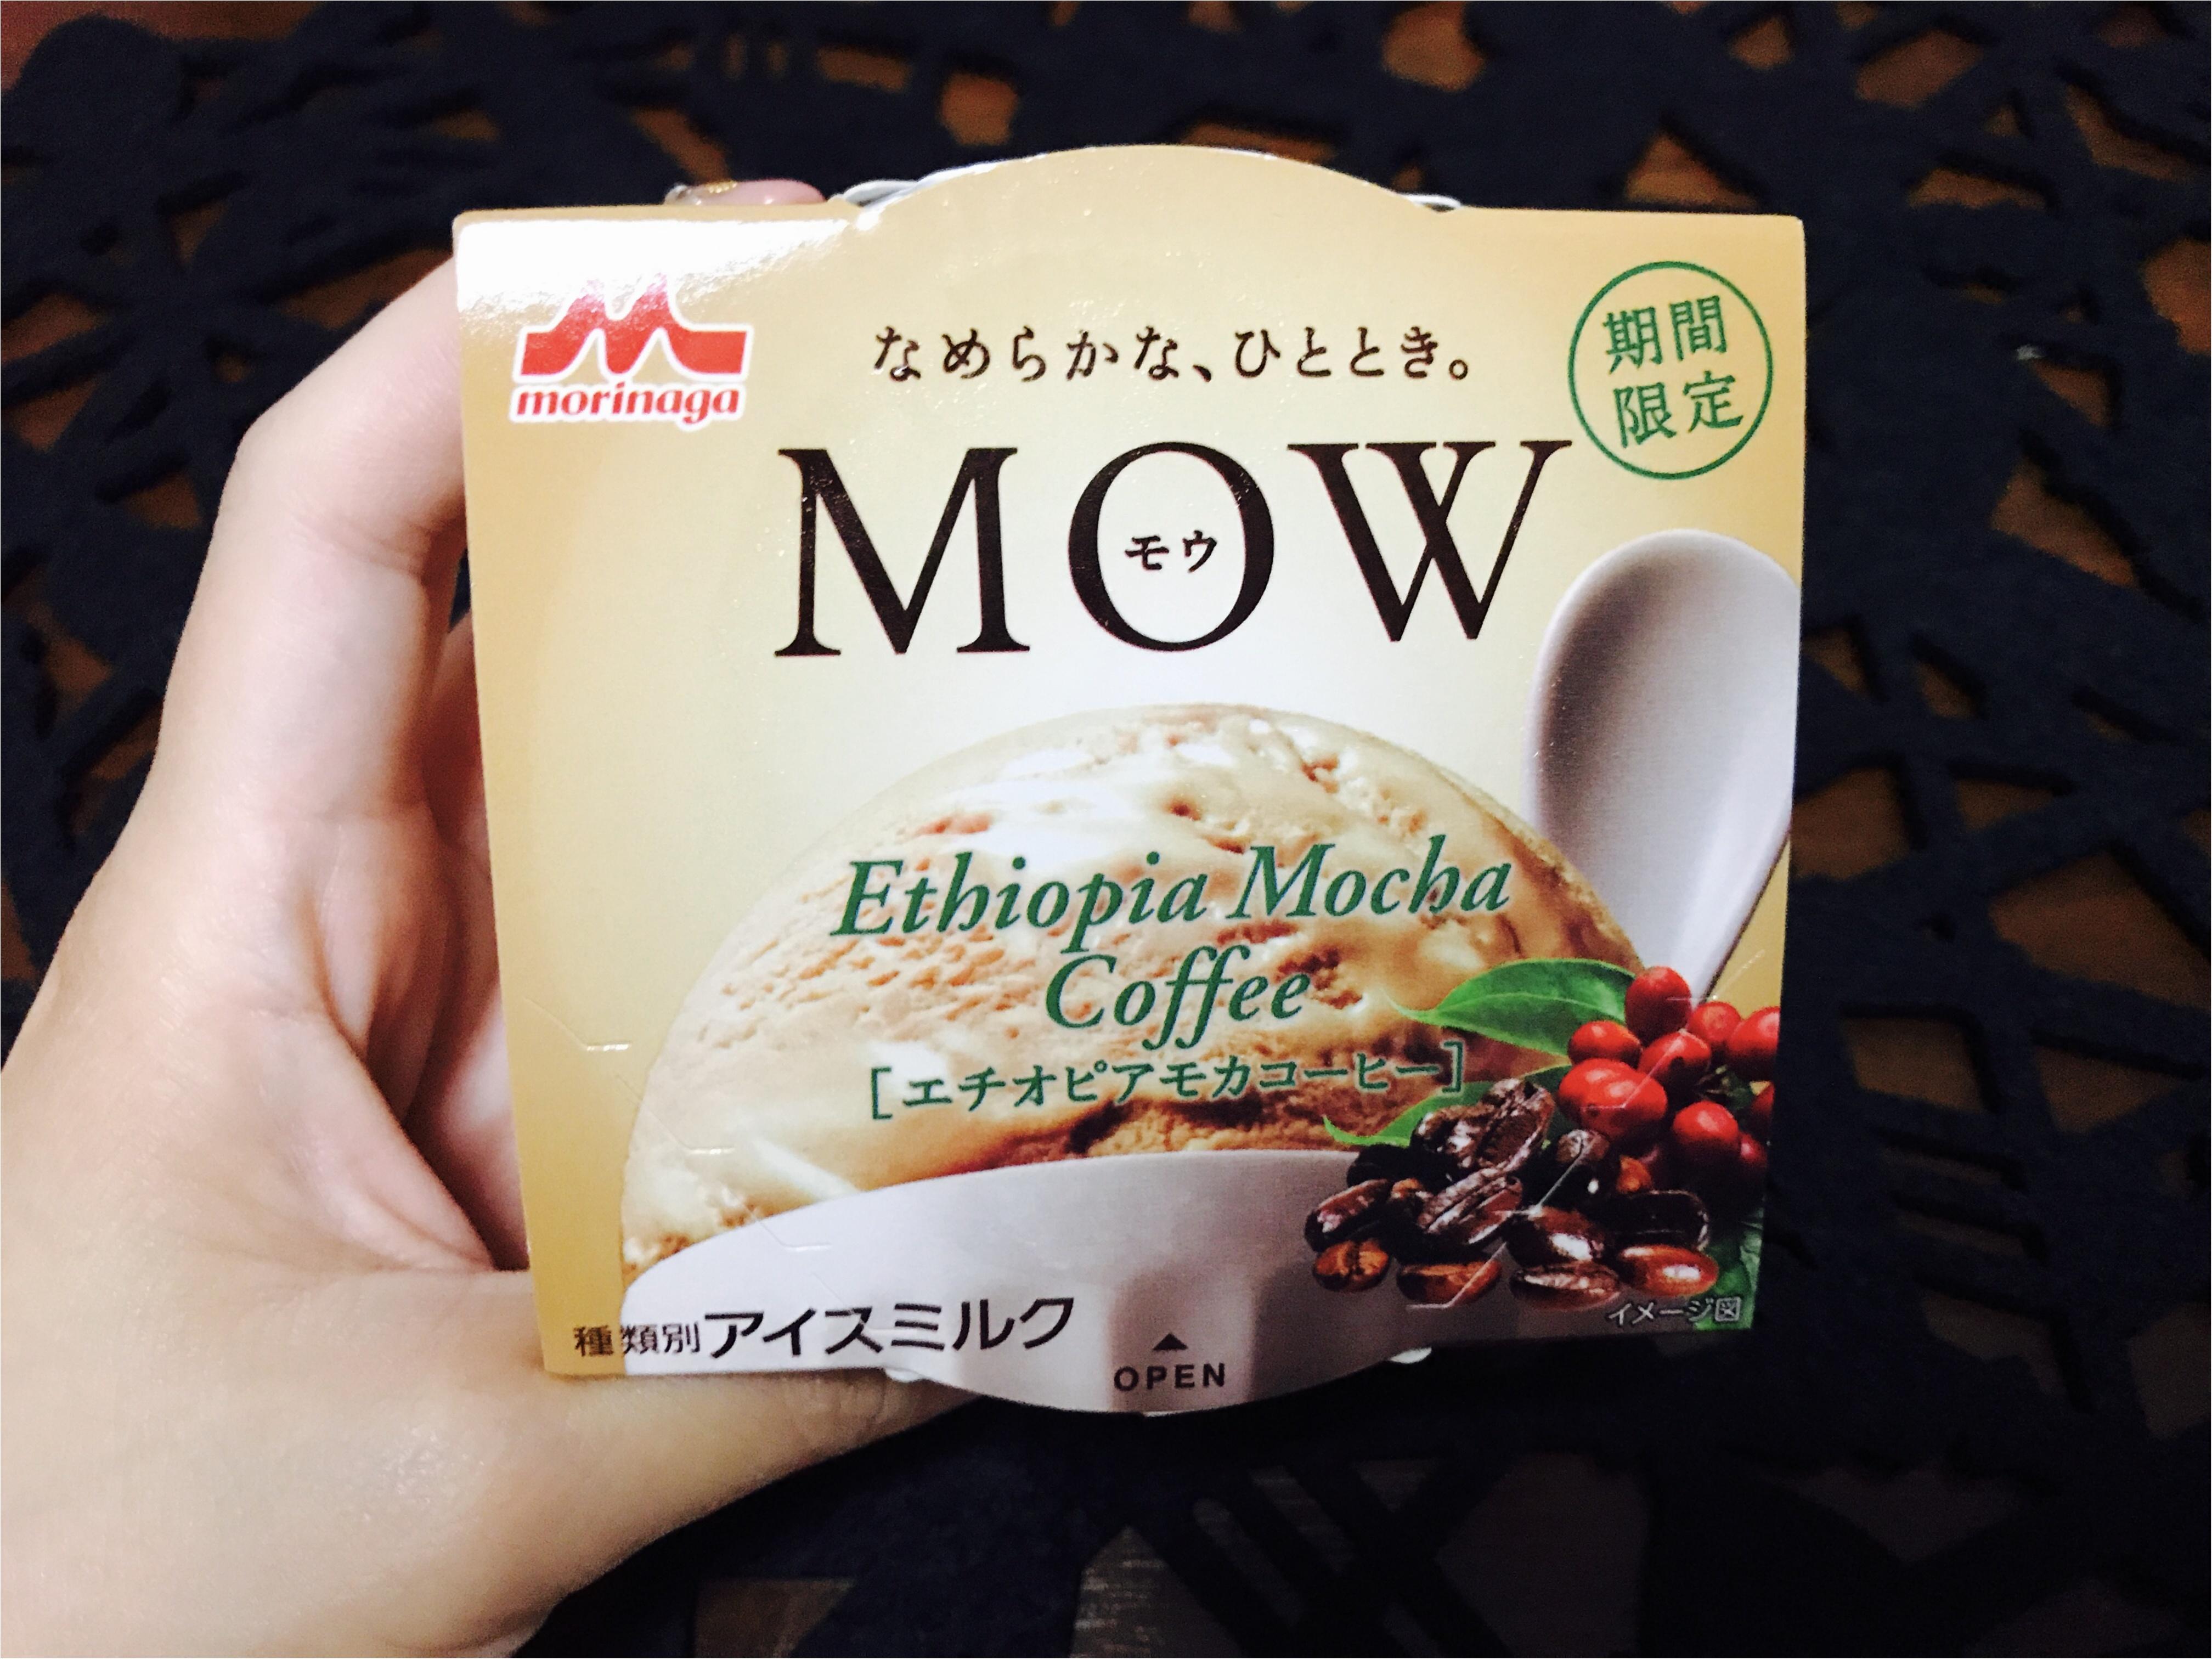 【アイス】MOW(モウ)シリーズからエチオピアモカコーヒー味★新登場!_1